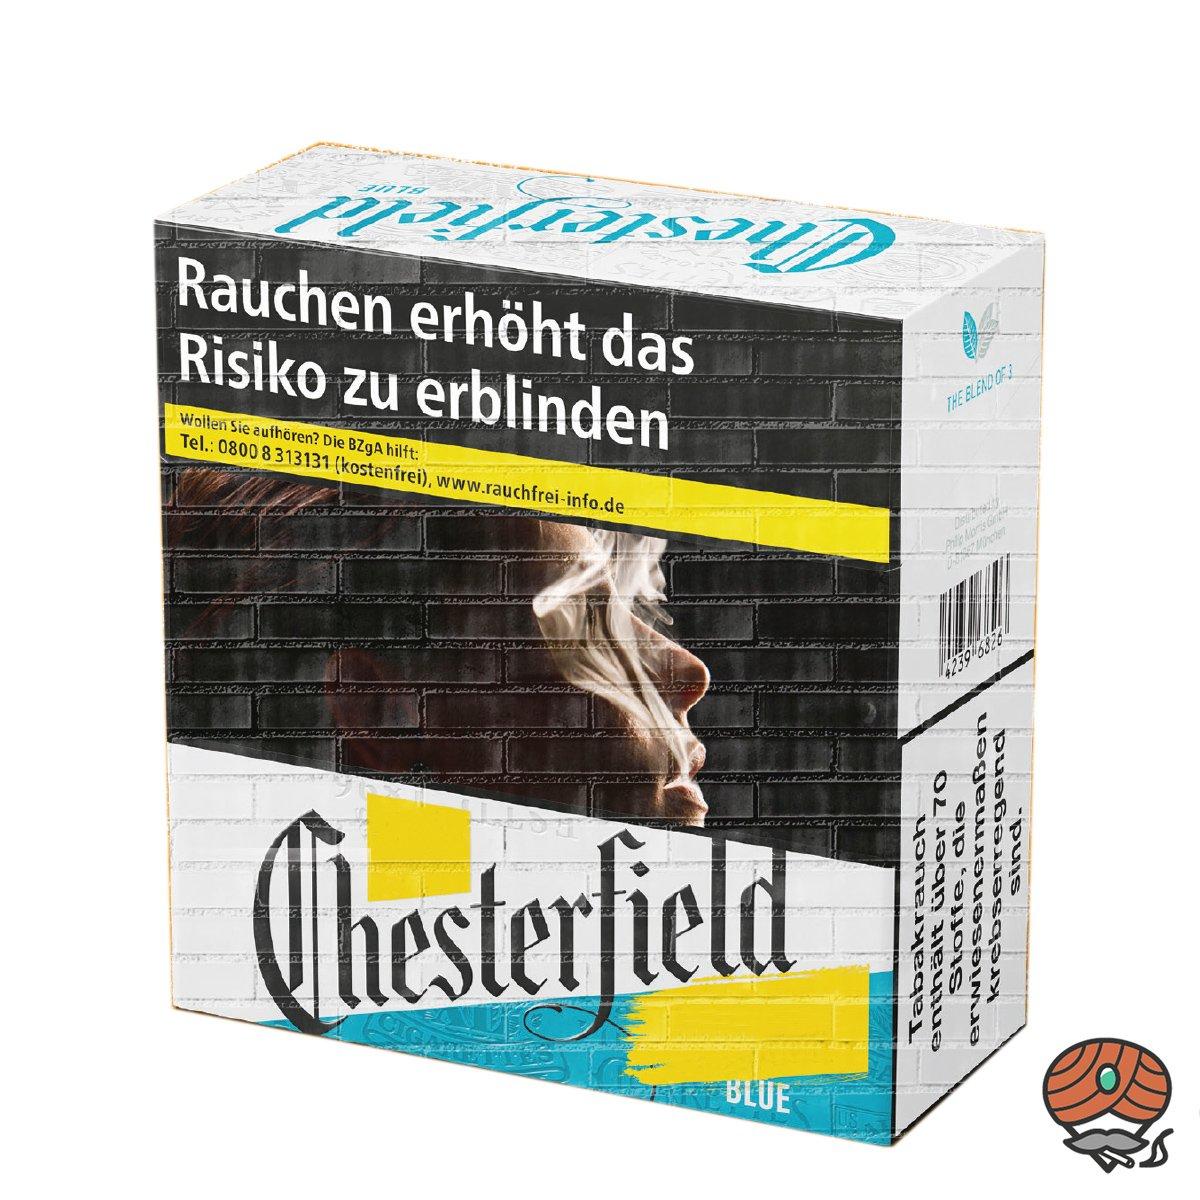 Chesterfield BLUE / BLAU Zigaretten 5XL Schachtel 49 Stück